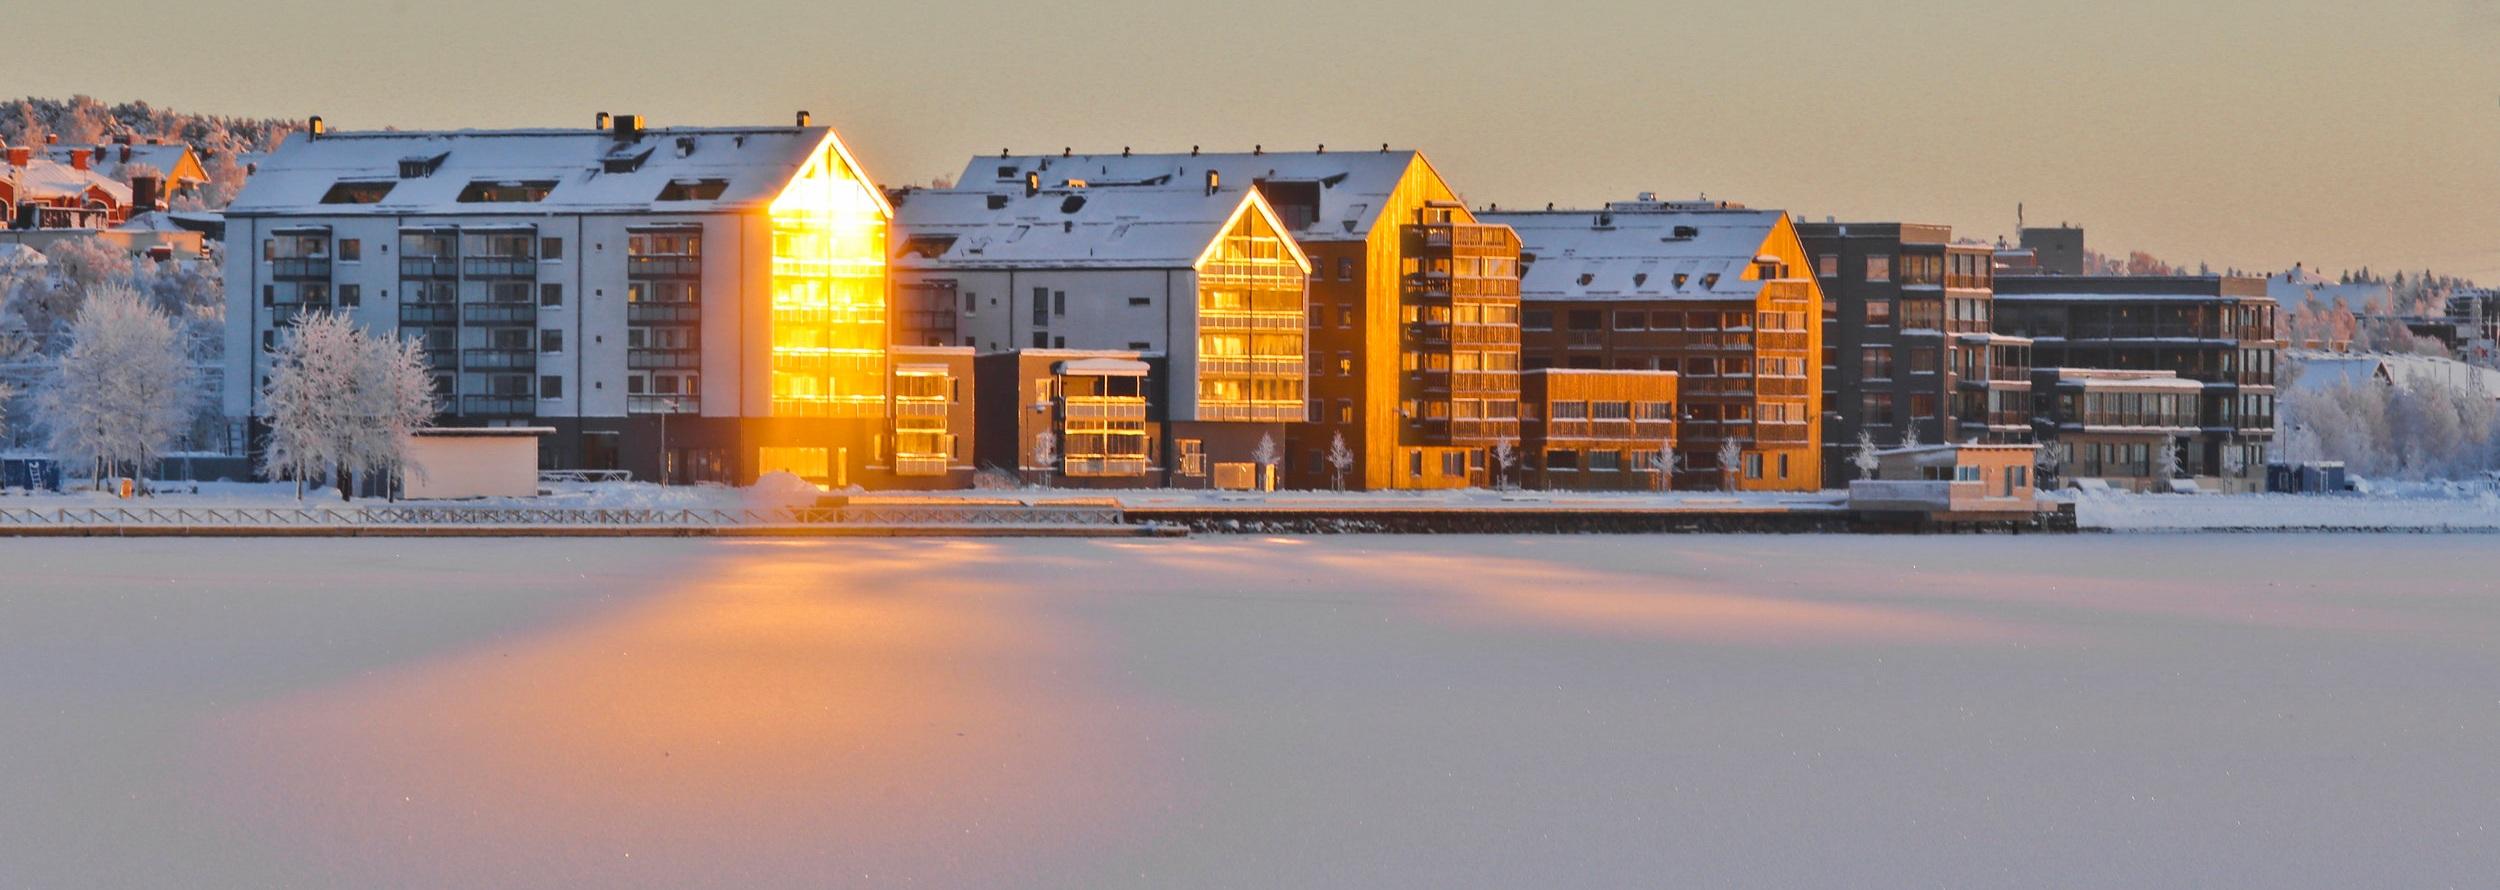 Vinter+o%CC%88ver+Storsjo%CC%88+strand-+Foto+Roger+Strandberg.jpg